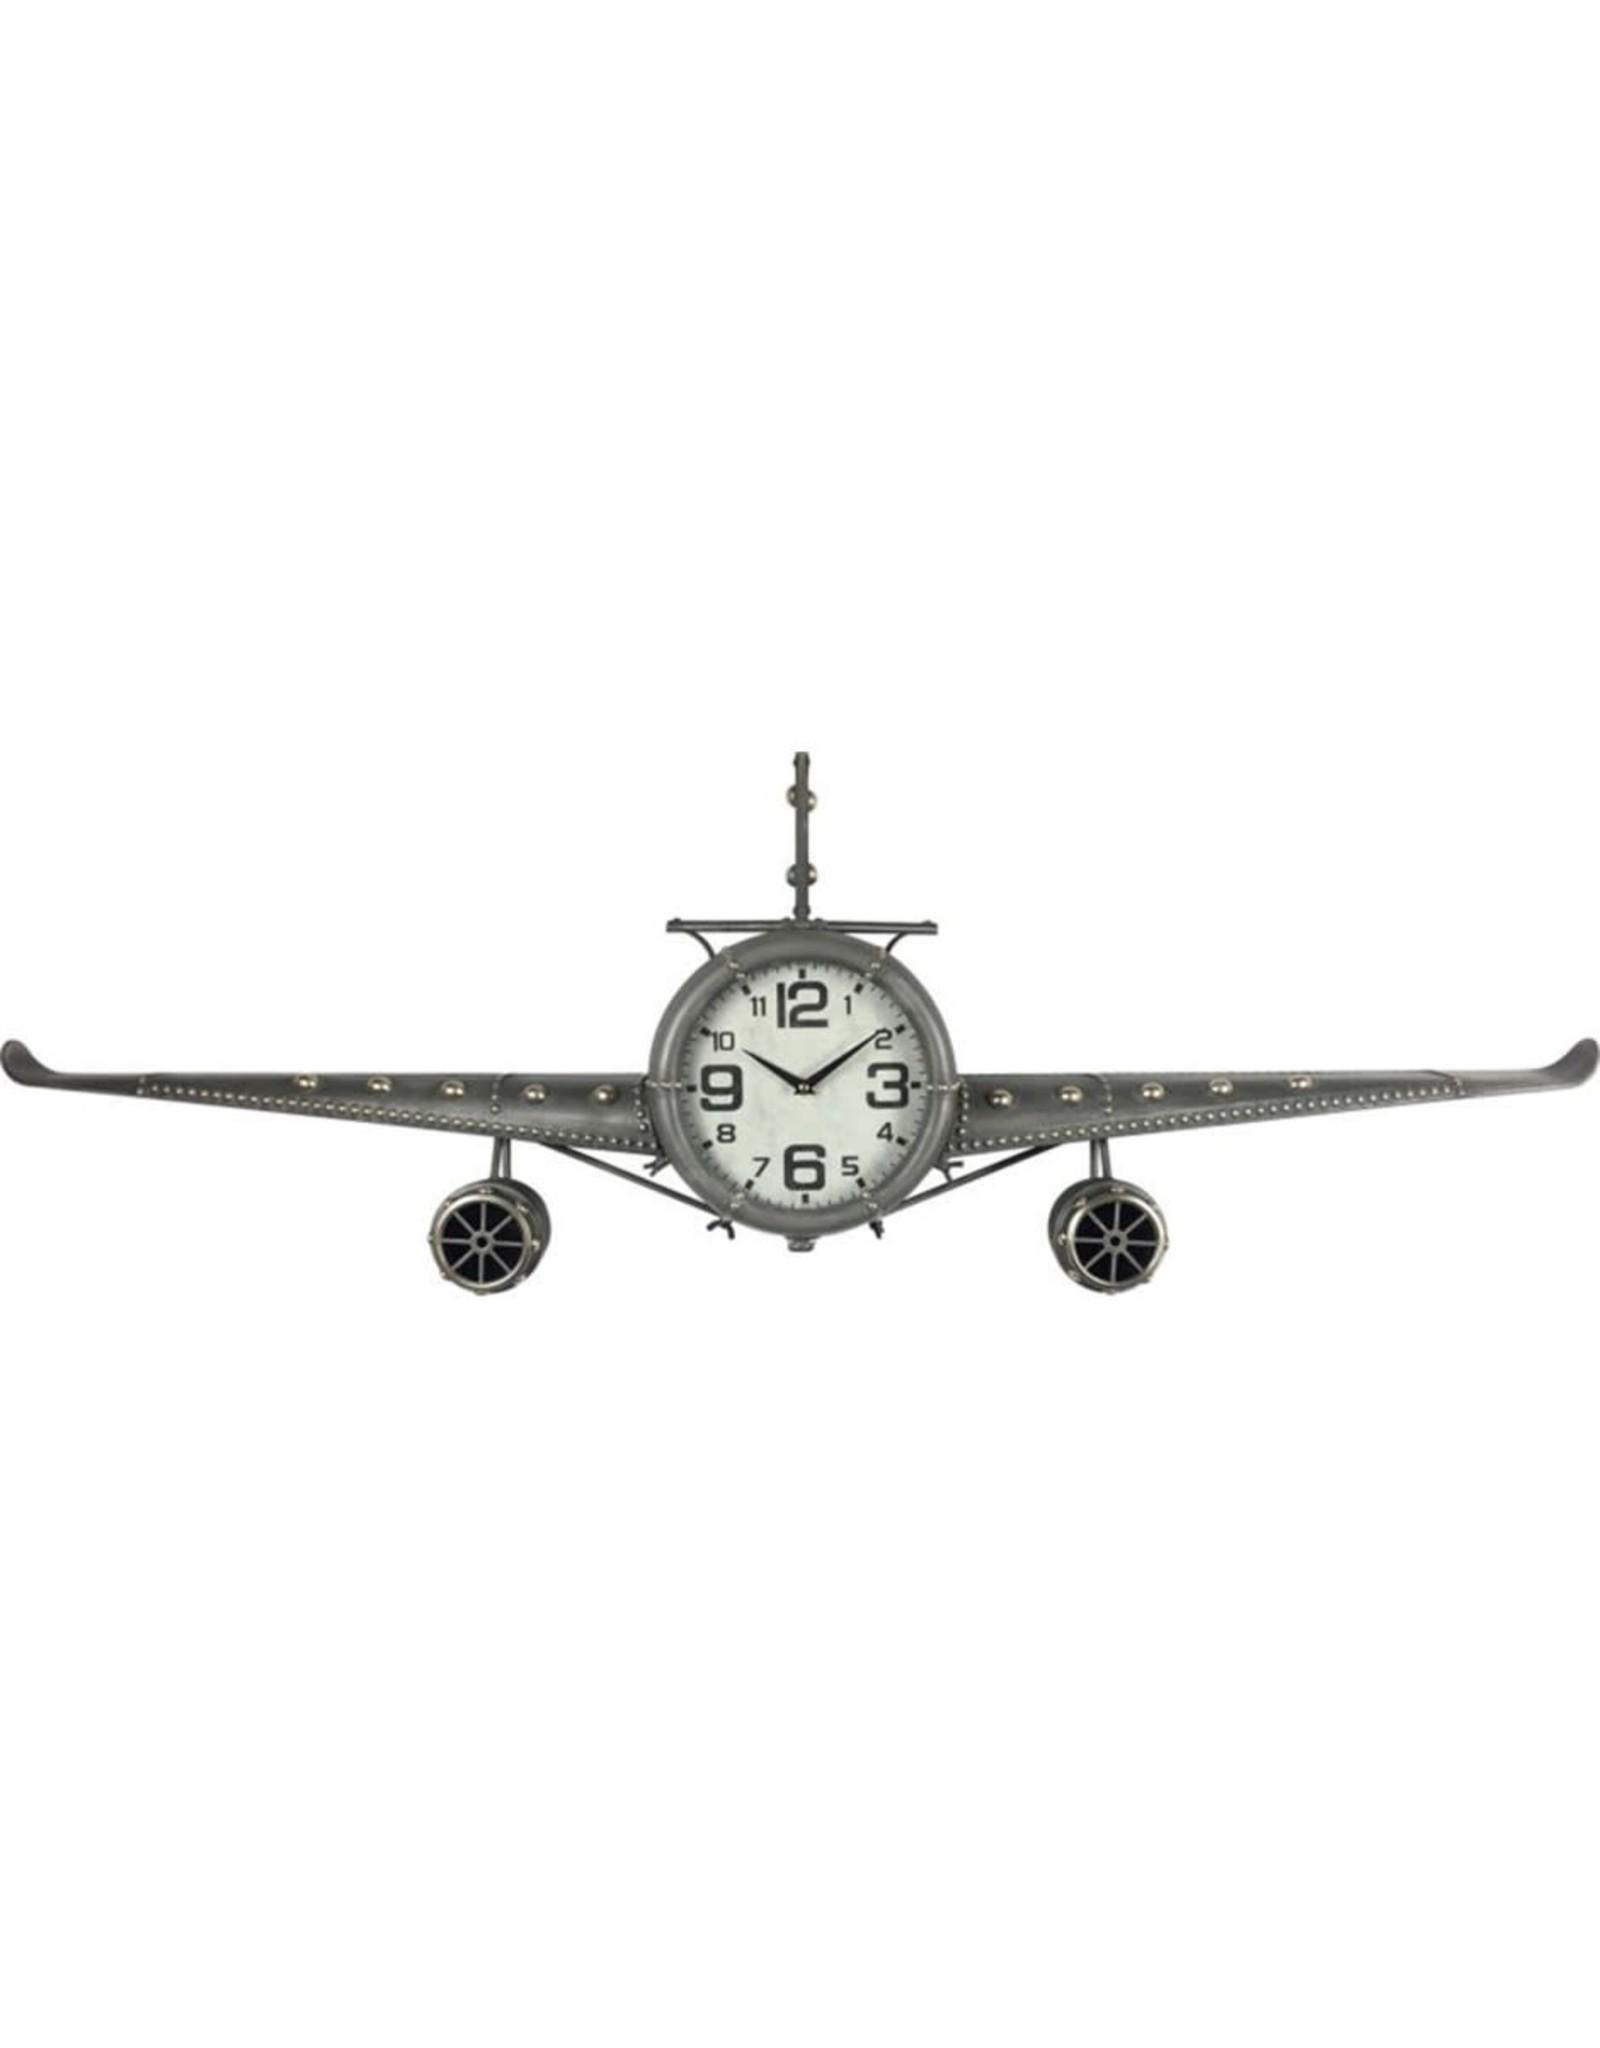 Horloge avion grise murale